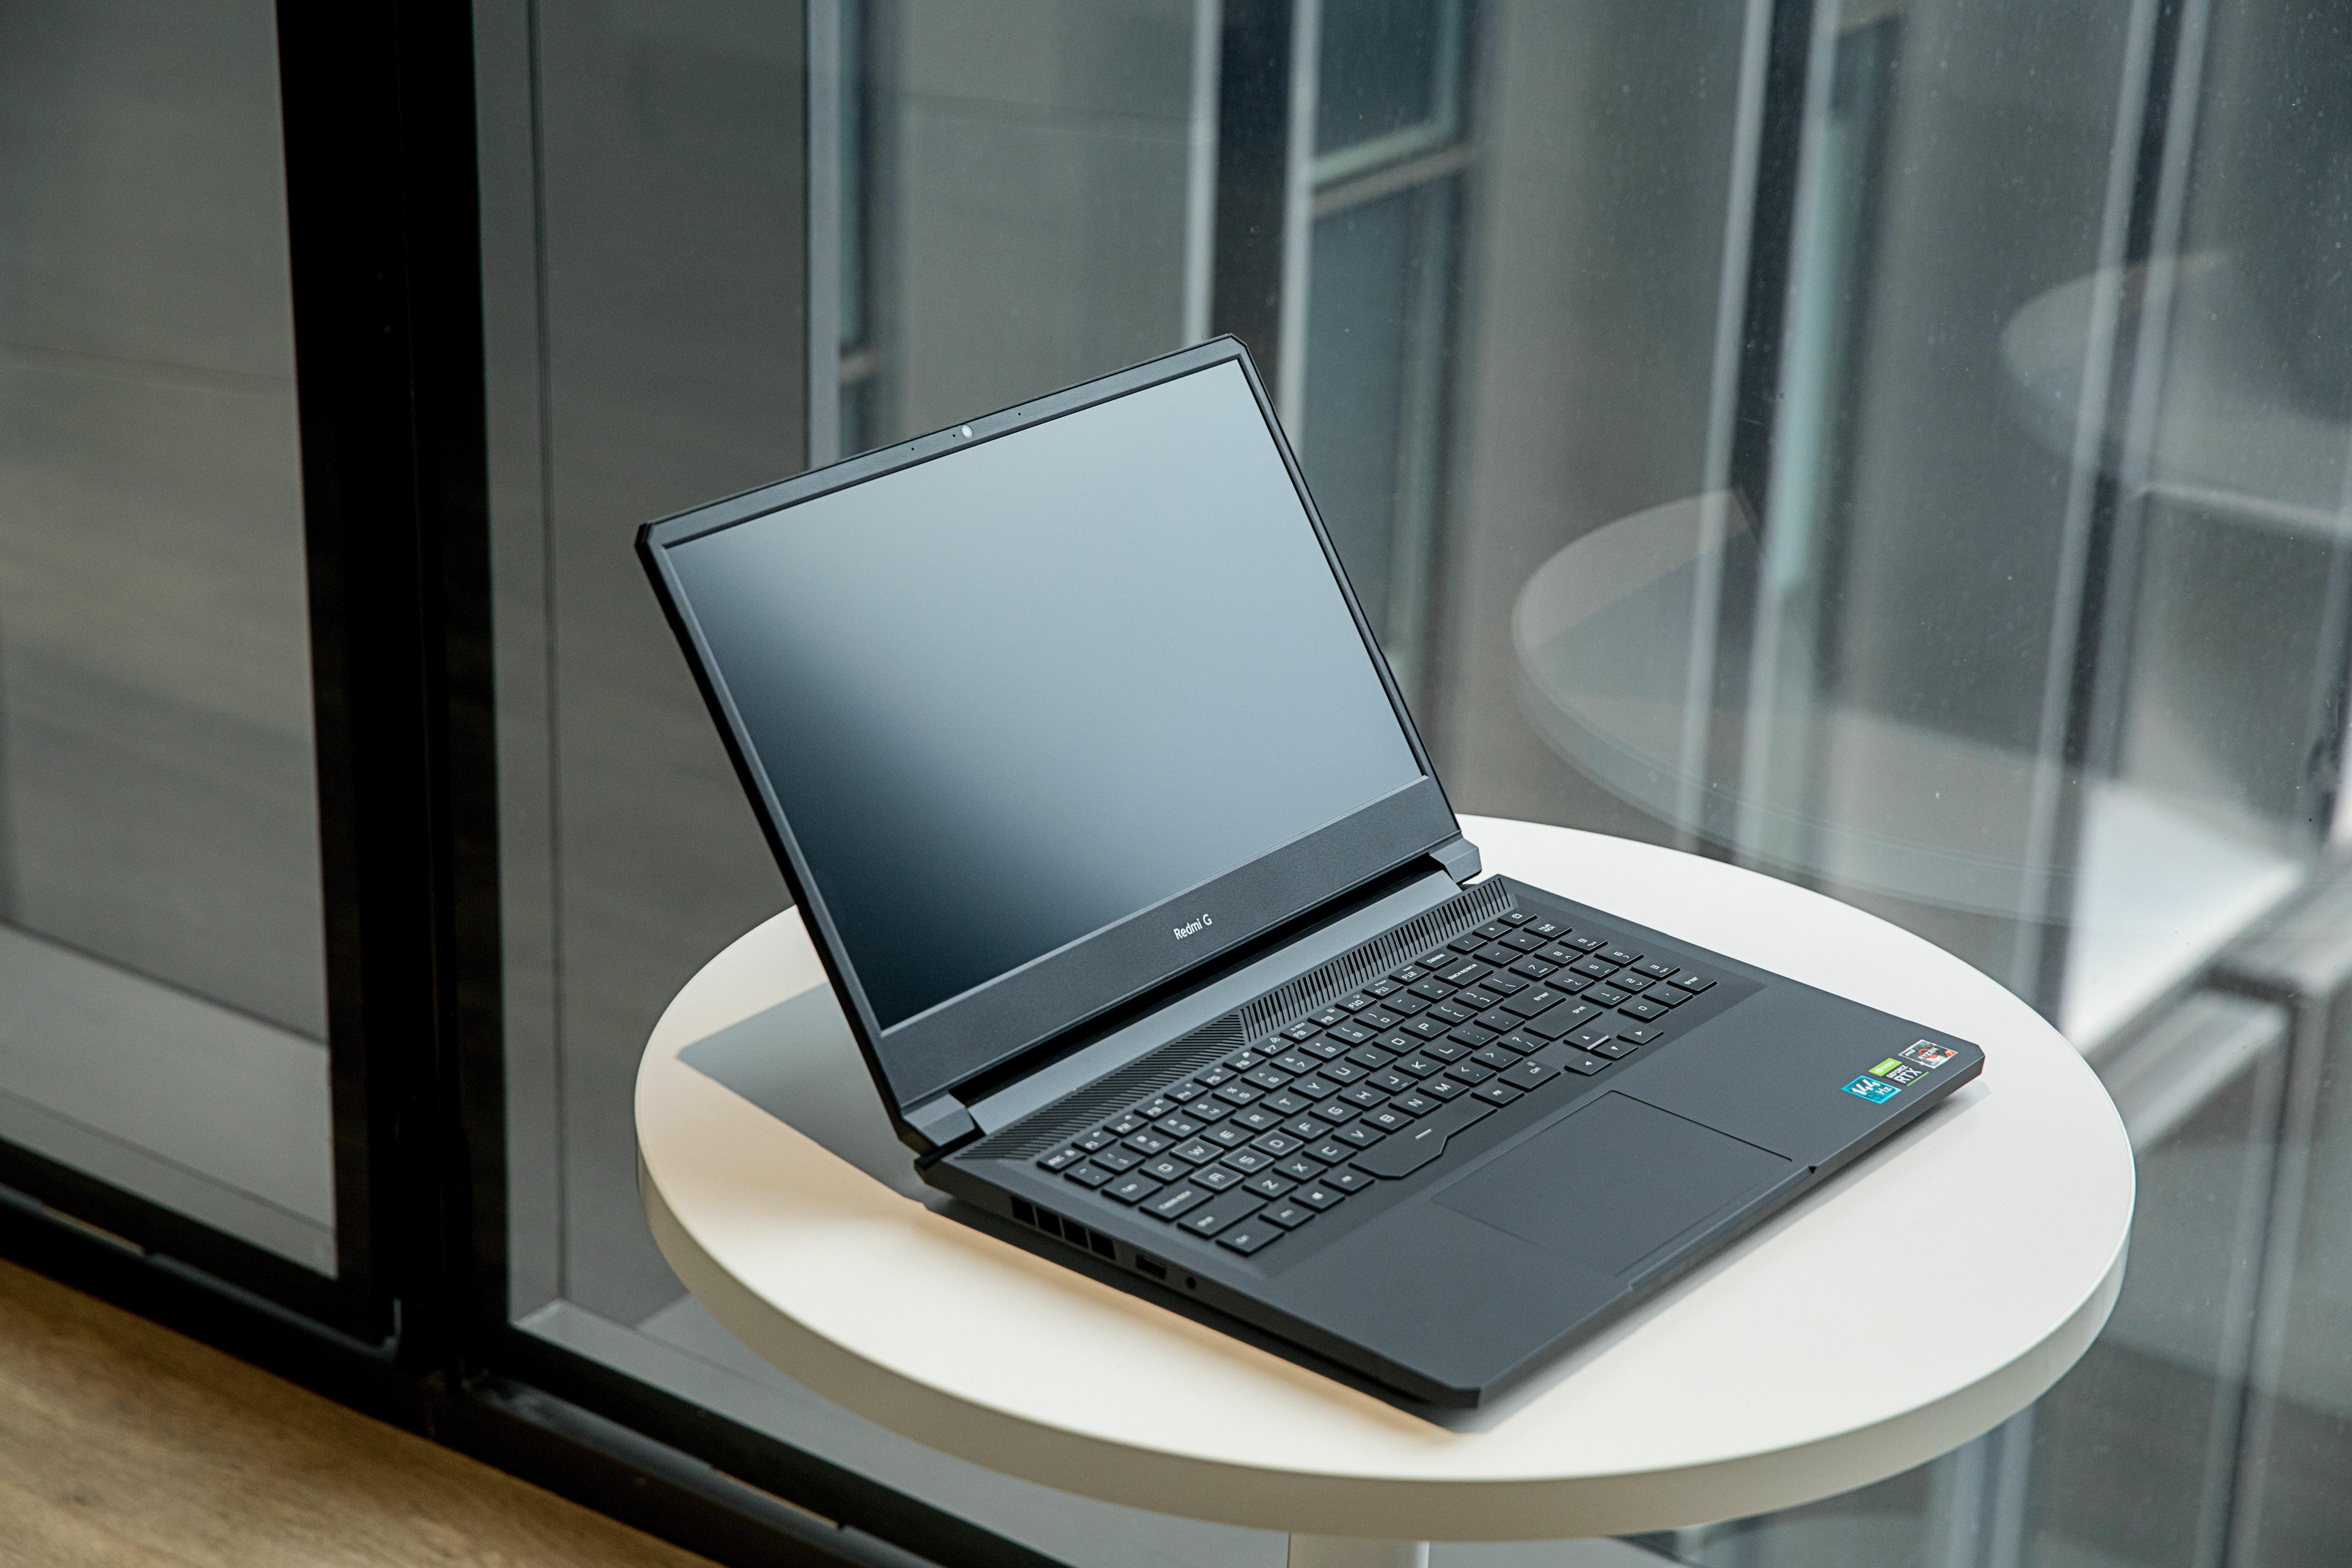 想买个电脑不懂怎么买(好评率最高的三款笔记本电脑)插图(4)